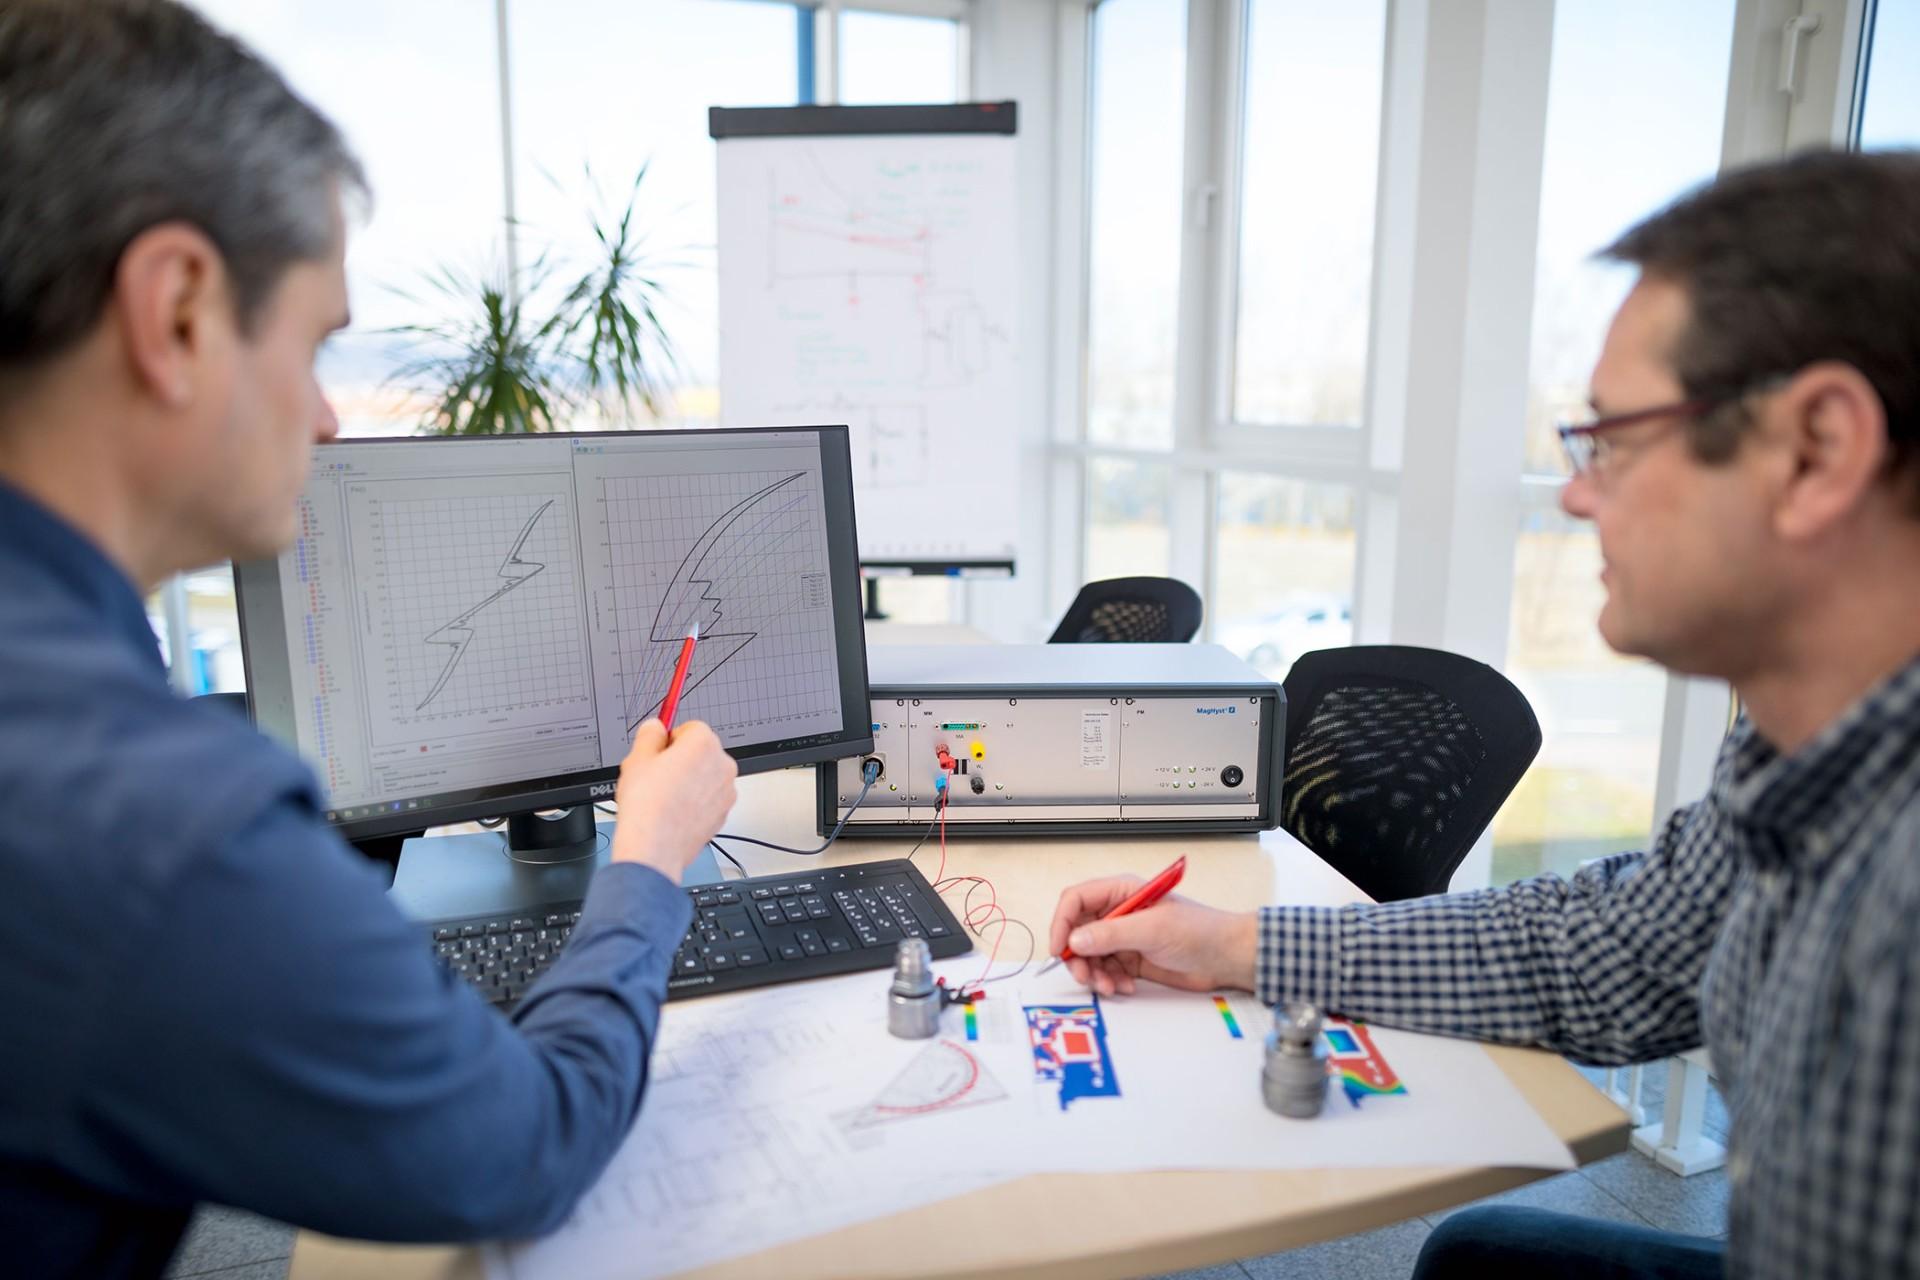 Die Ilmenauer Mechatronik GmbH bietet interdisziplinäres Engineering als Dienstleistung und modulare magnetische Messtechnik